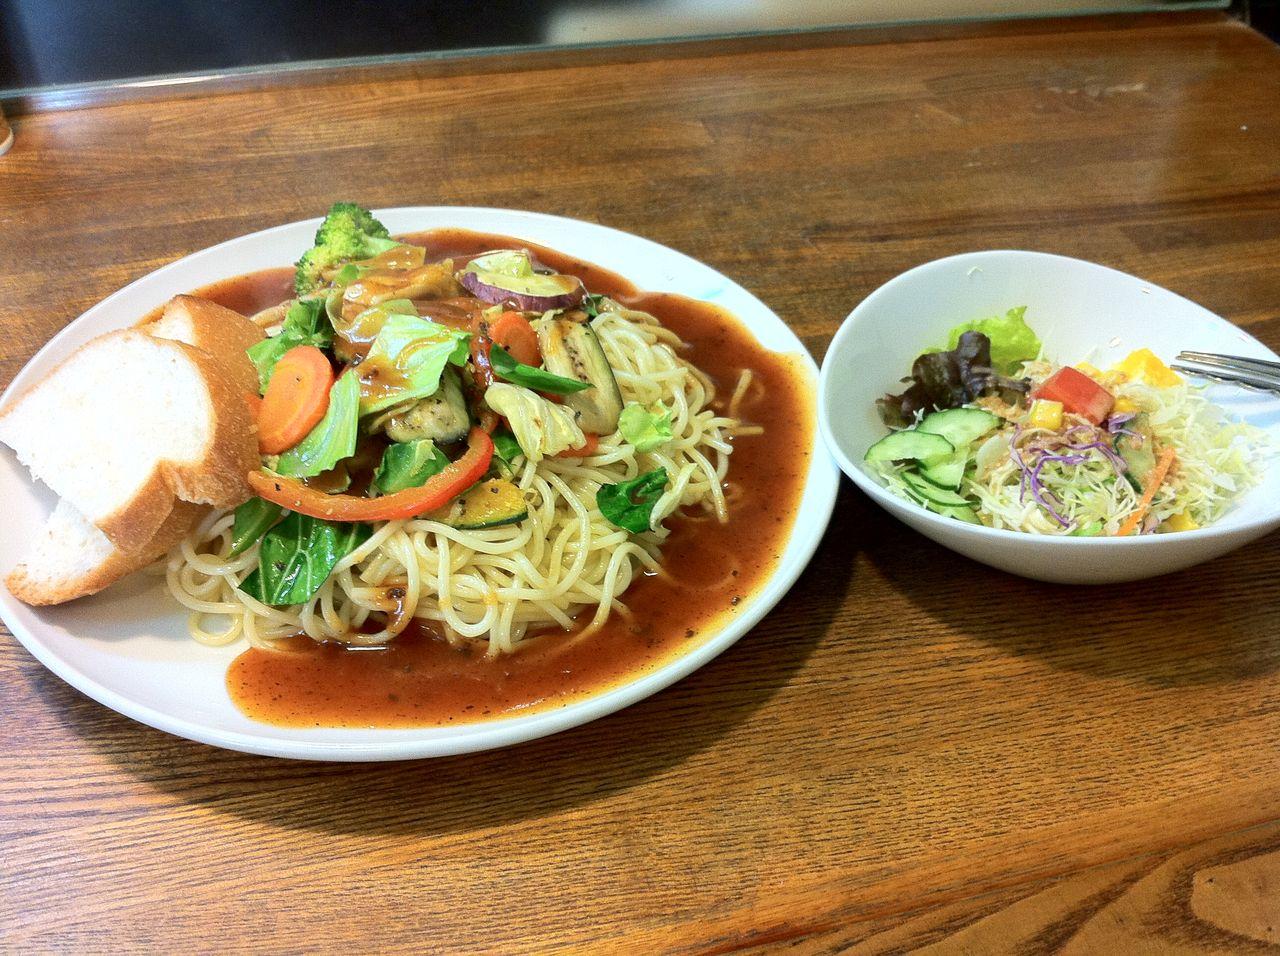 十字路の彩り野菜のあんかけスパゲティ 注文したのは彩り野菜のあんかけスパゲティ(720円)です。